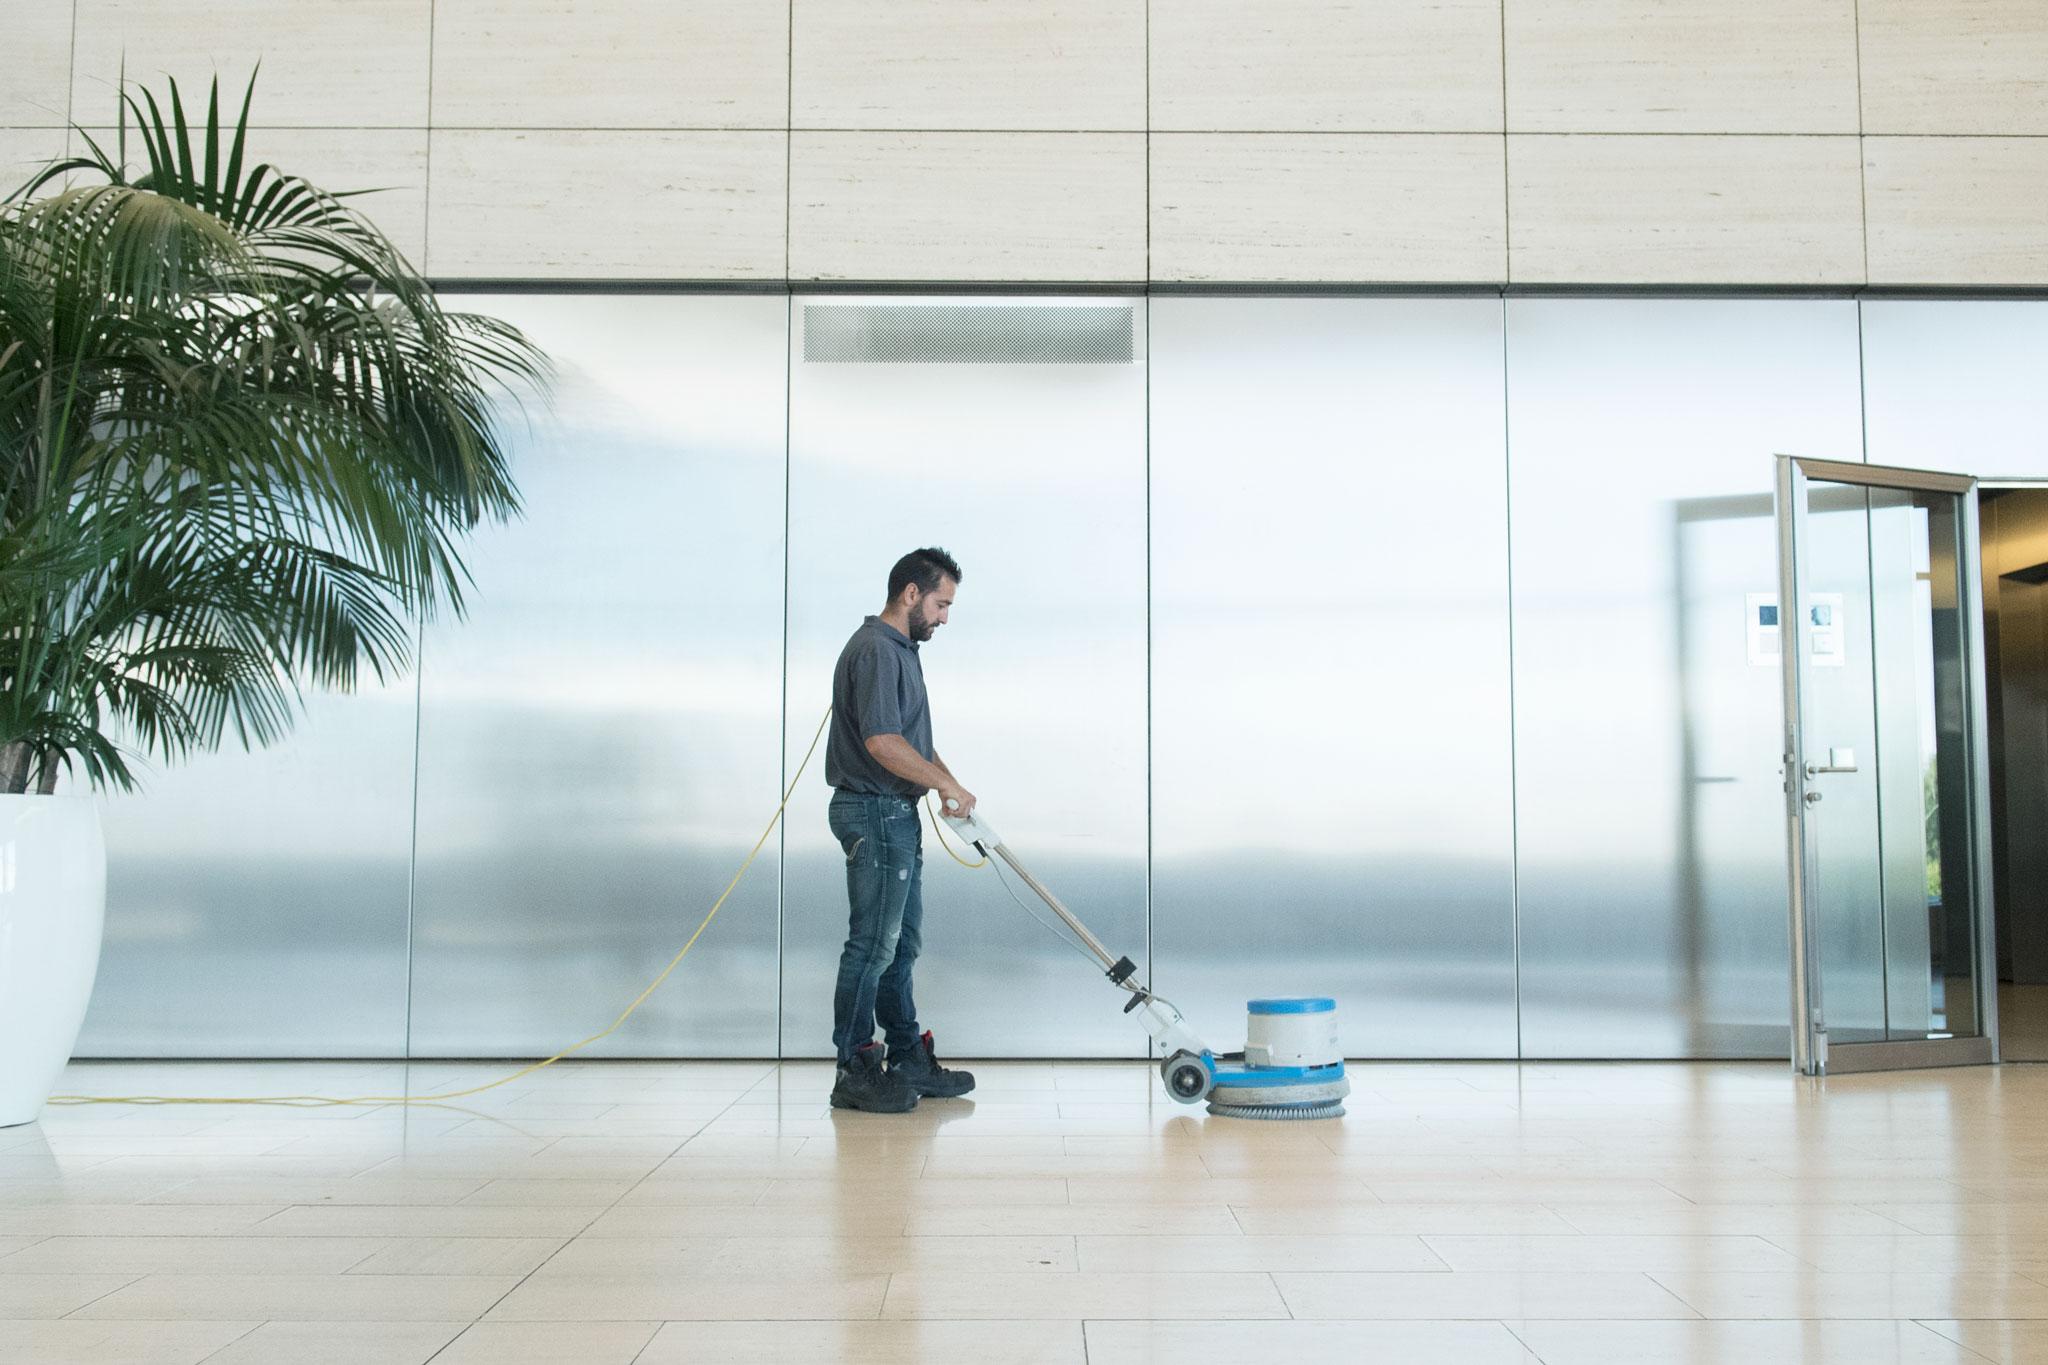 Agent de maintenance – Nettoyage sol professionel